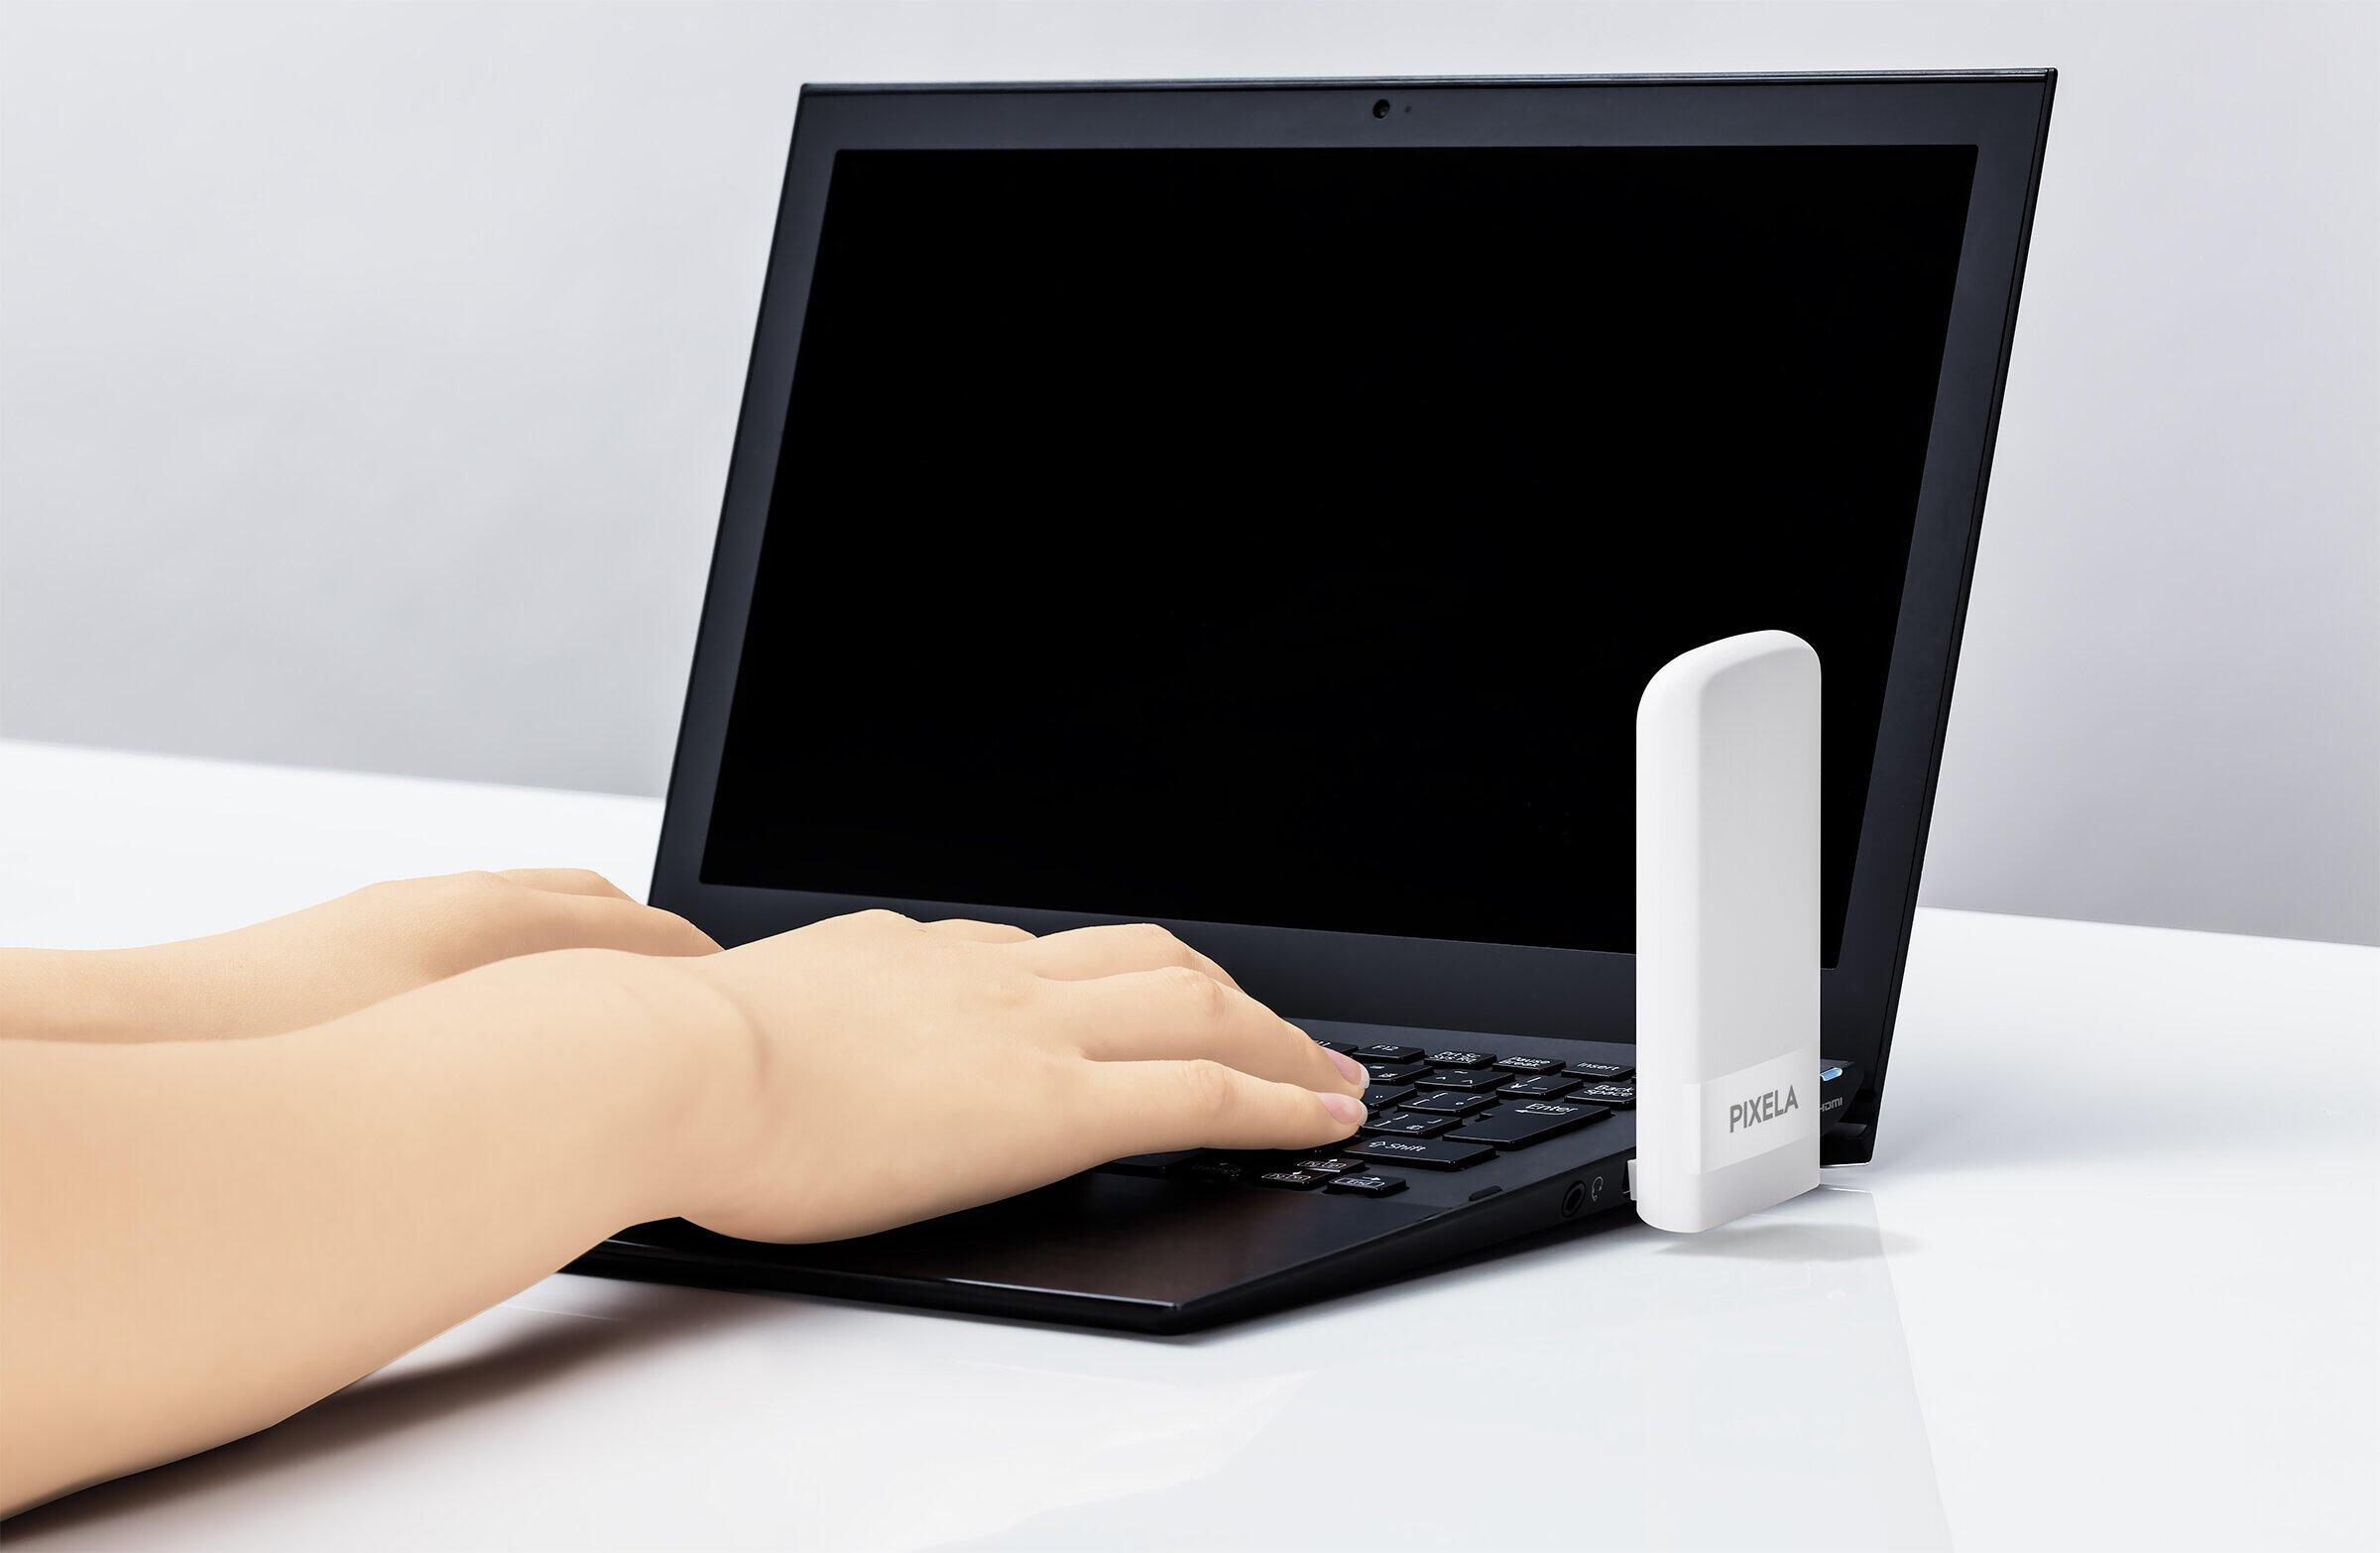 PCなどとUSB接続、LTE通信が可能になる USBドングル、ピクセラから